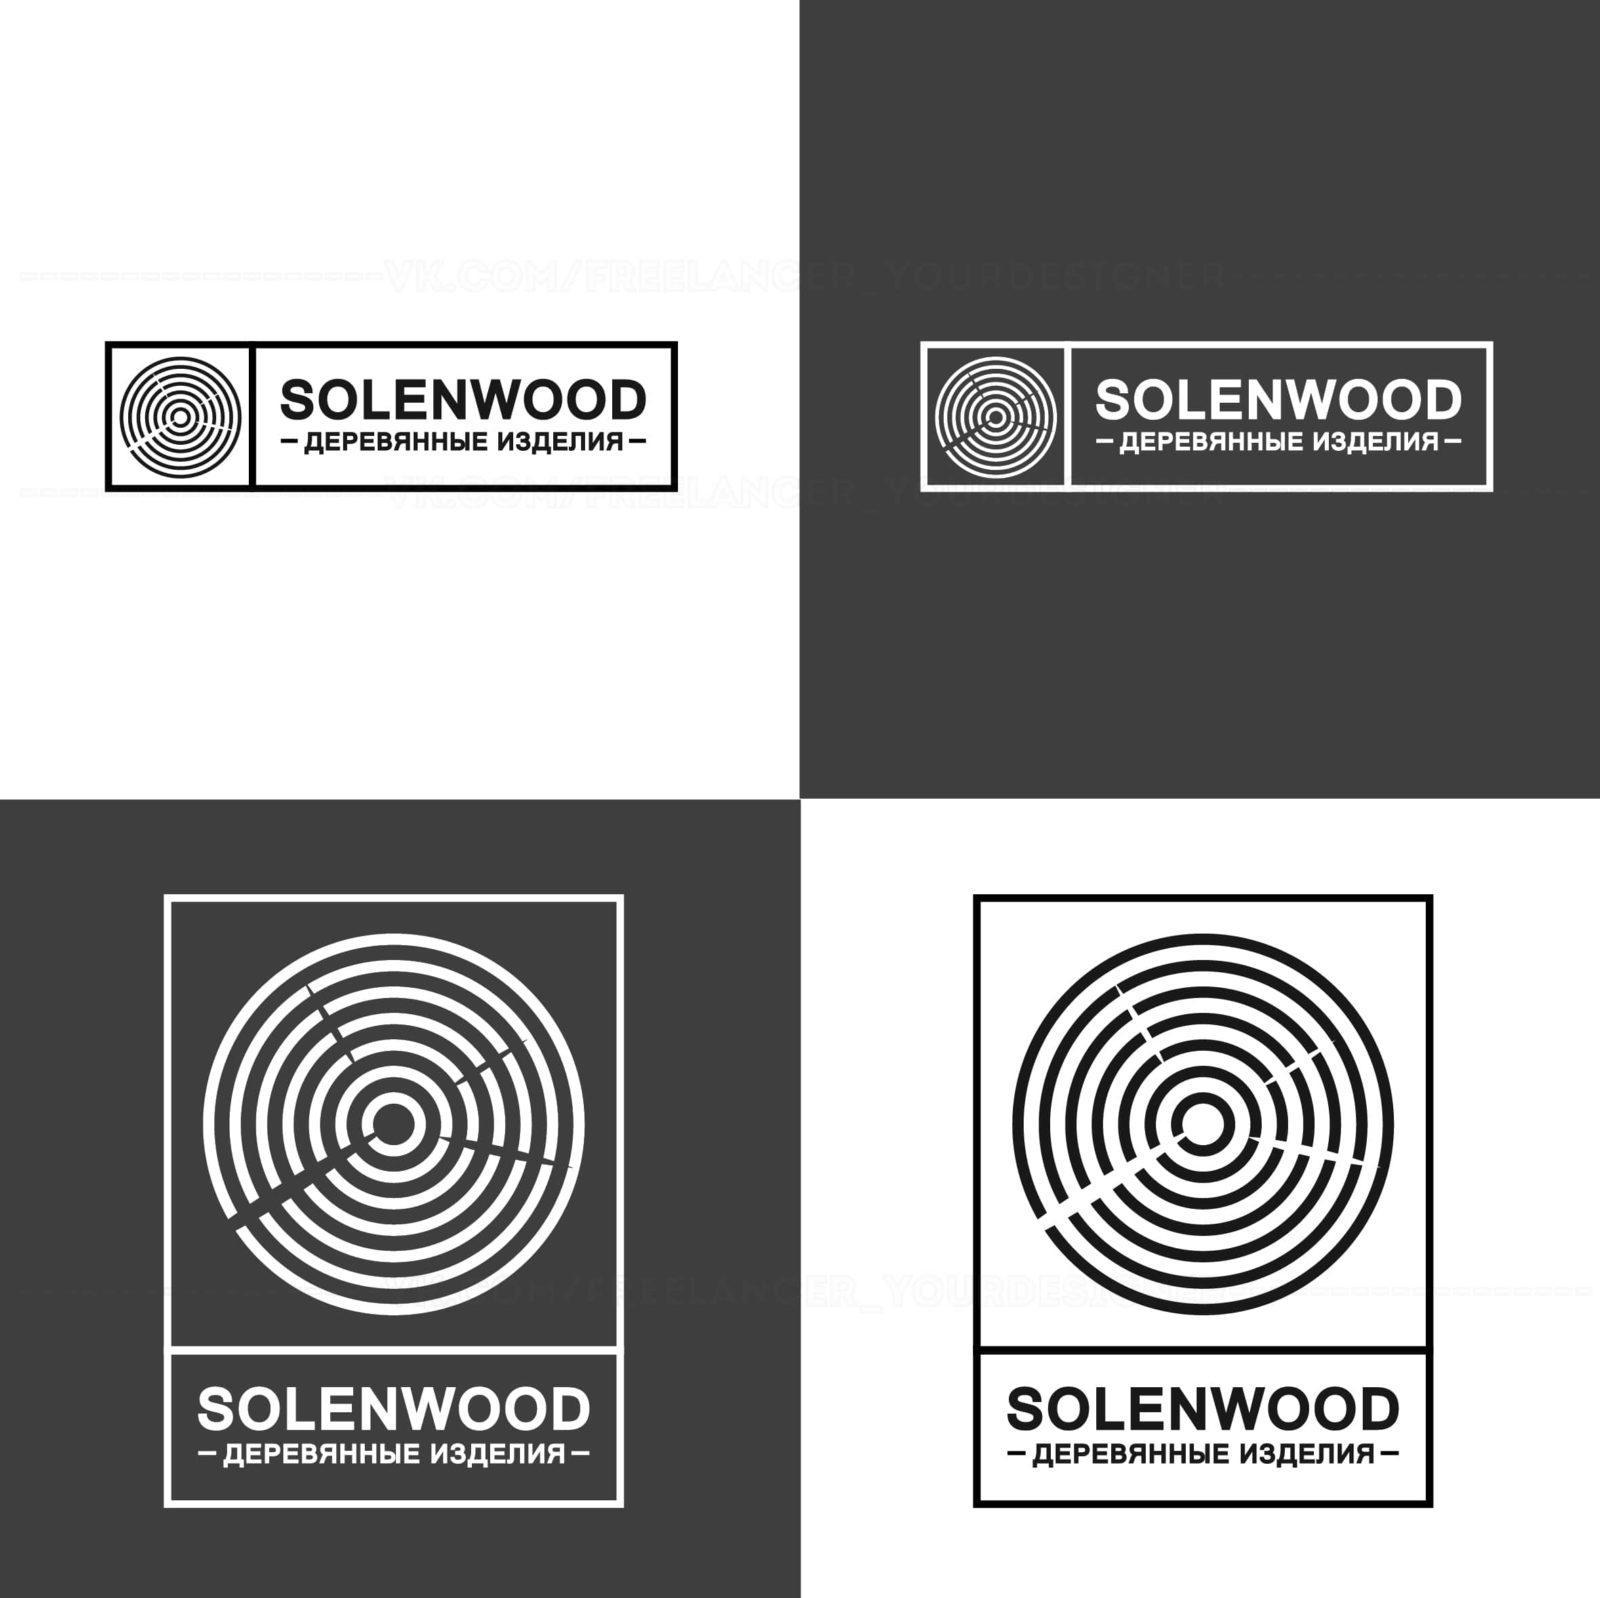 пример логотипа с деревянным срезом дерева